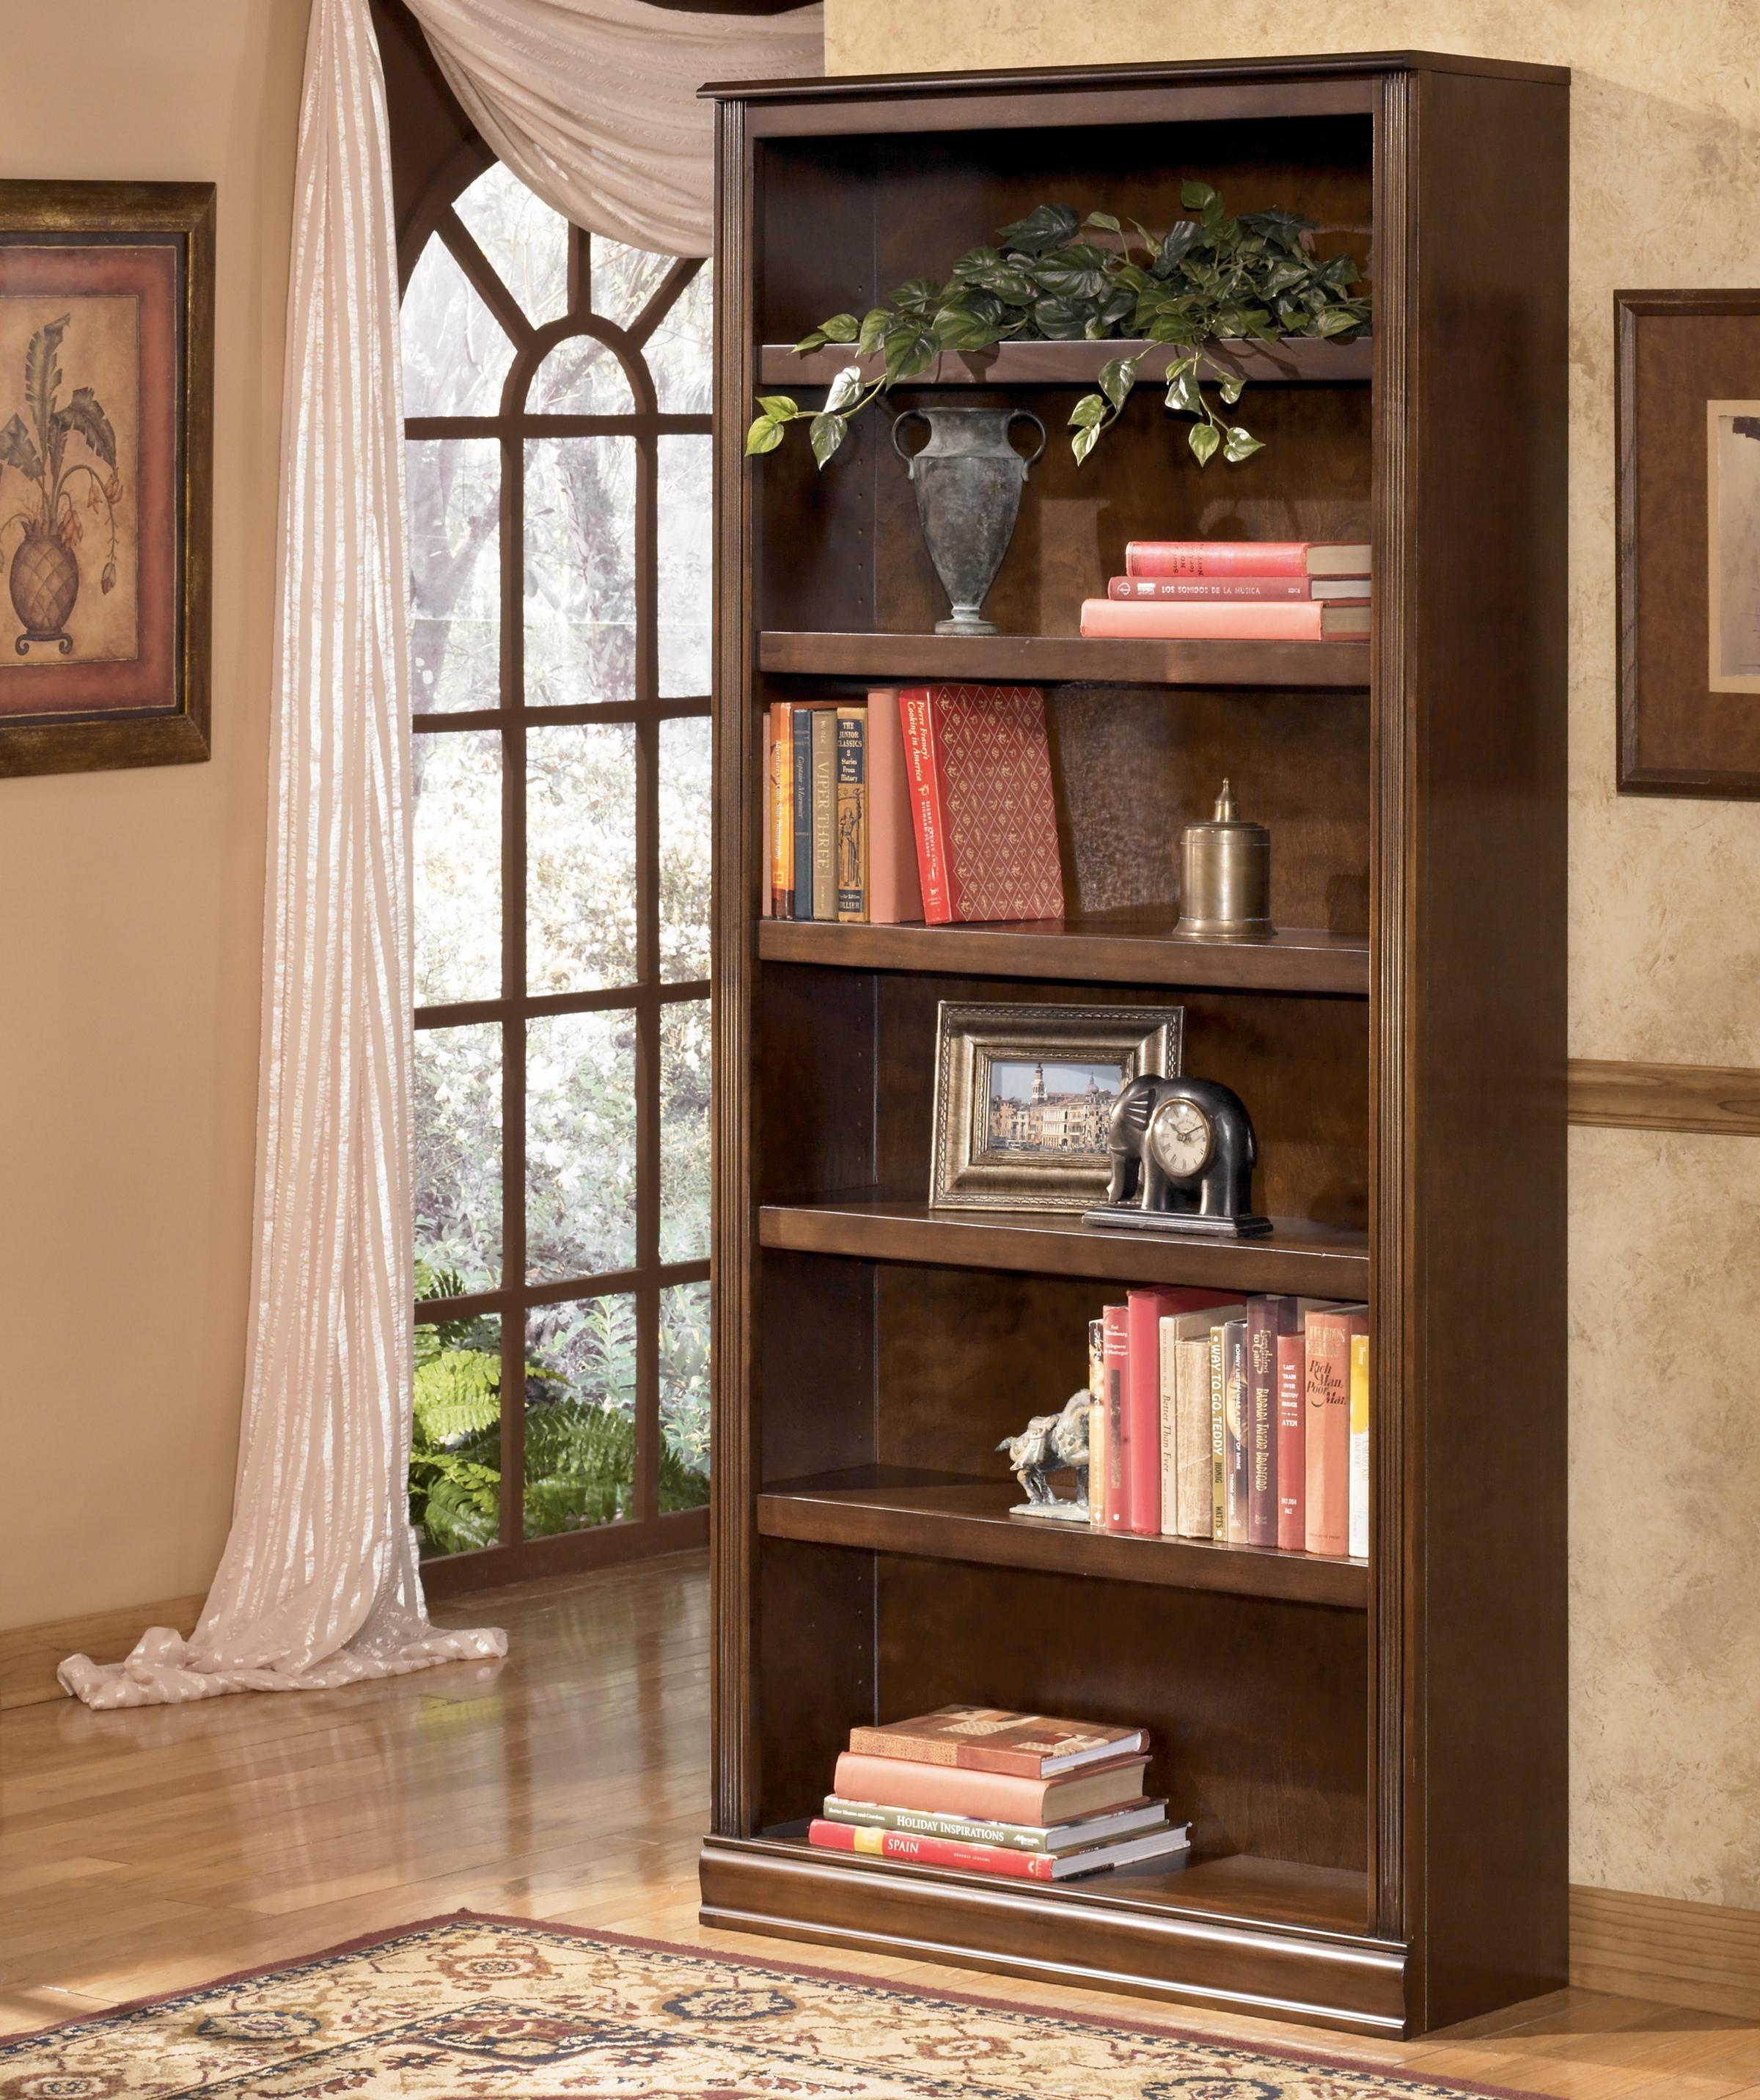 Hamlyn Large Bookcase By Ashley Furniture Large Bookcase Ashley Furniture Brown Bookcase